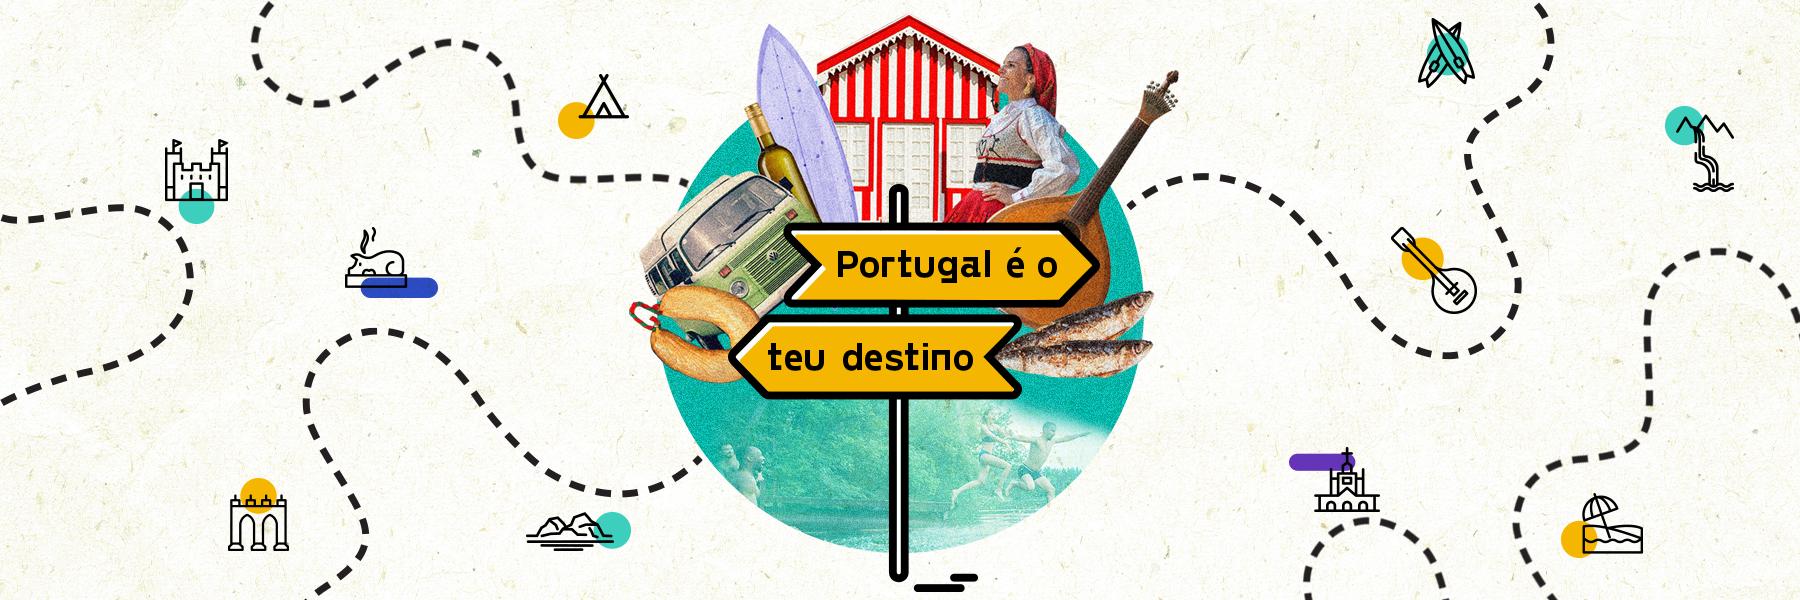 Portugal é o Teu Destino_Banner